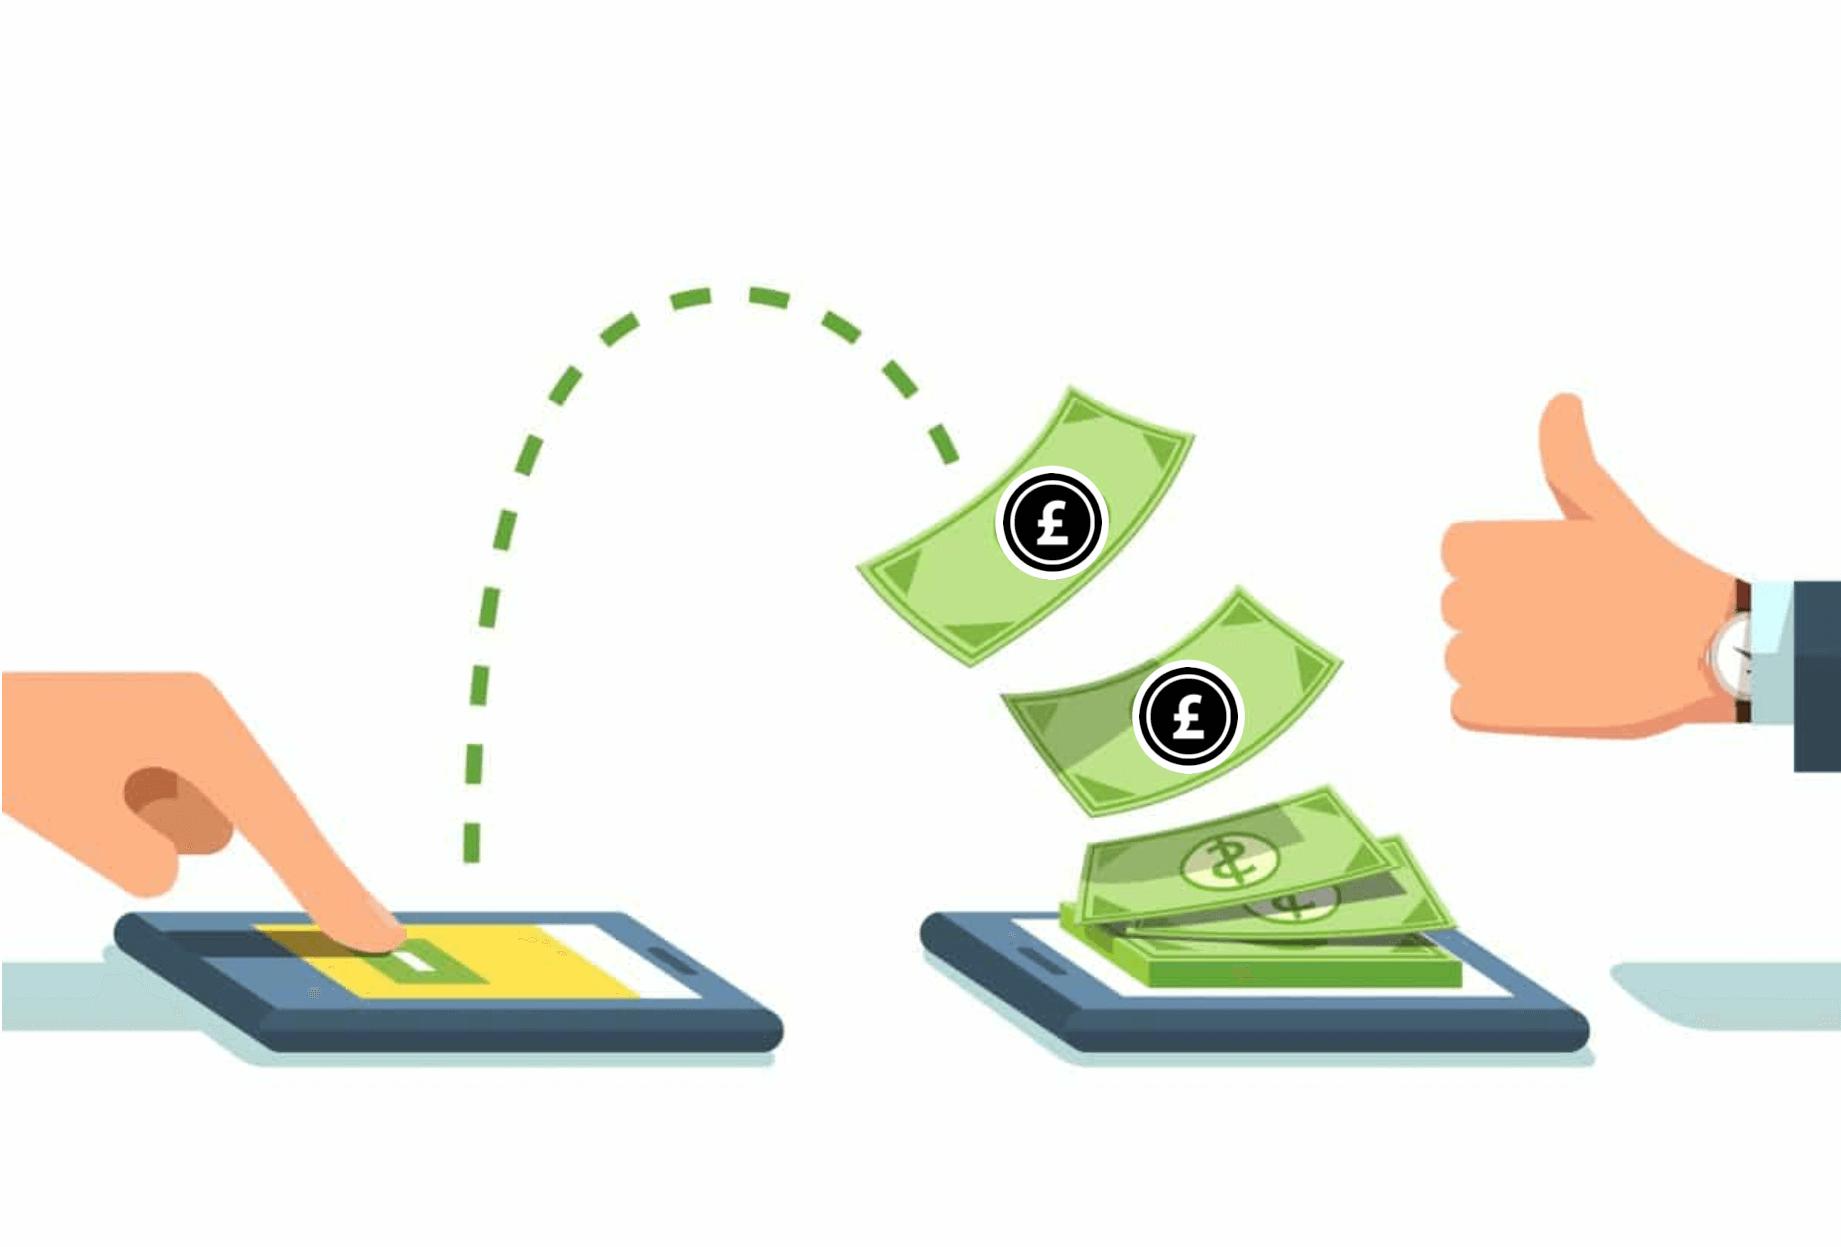 cum să faci bani rapid în două zile tranzacționarea opțiunilor și strategiile acestora